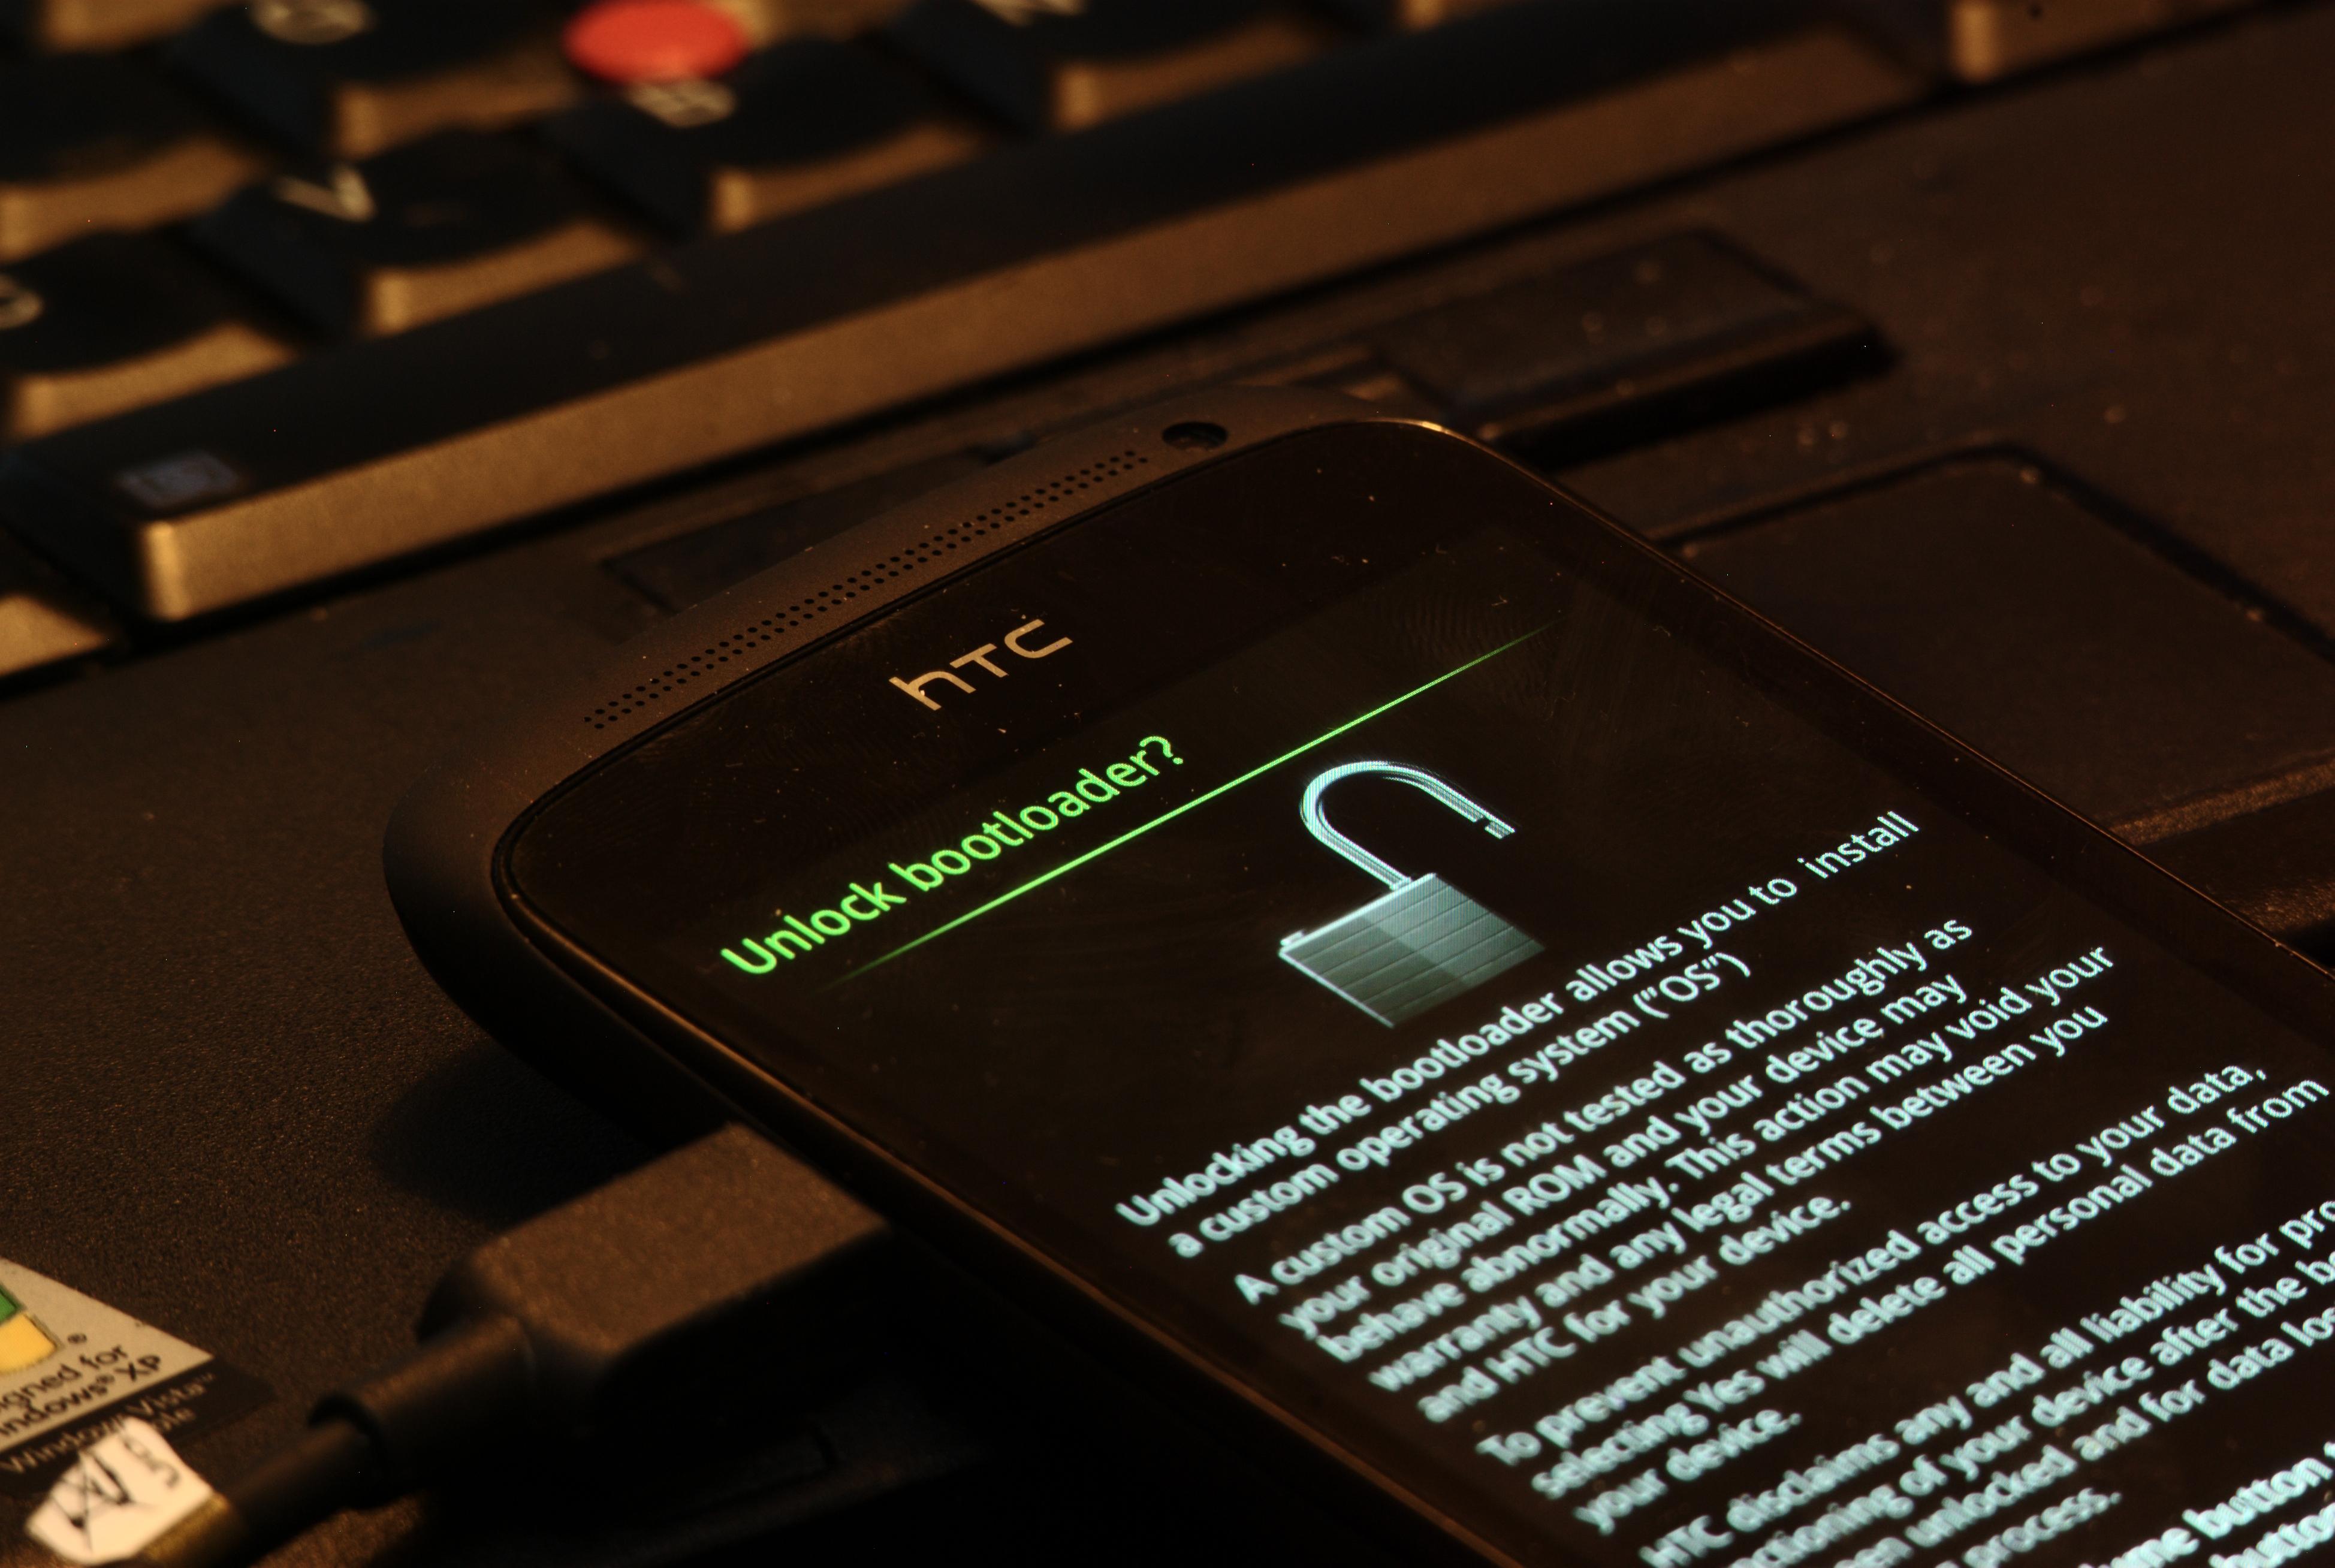 Det er enkelt å åpne bootloaderen i HTC One S.Foto: Einar Eriksen